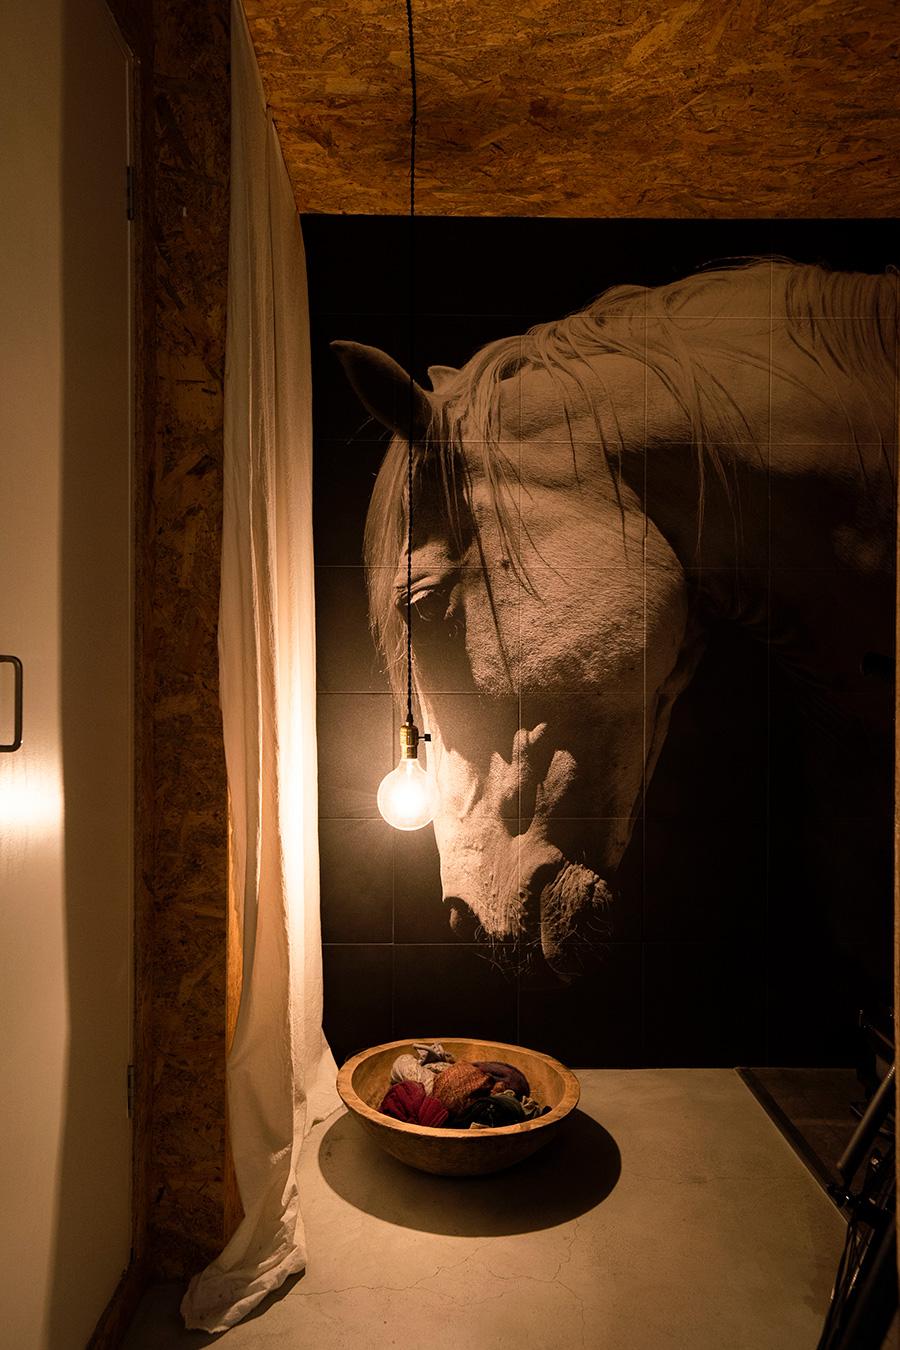 玄関の壁に施されたオンデマンドエコカラット。ライトは低い位置に設定し、光が欲しいところだけに照射。